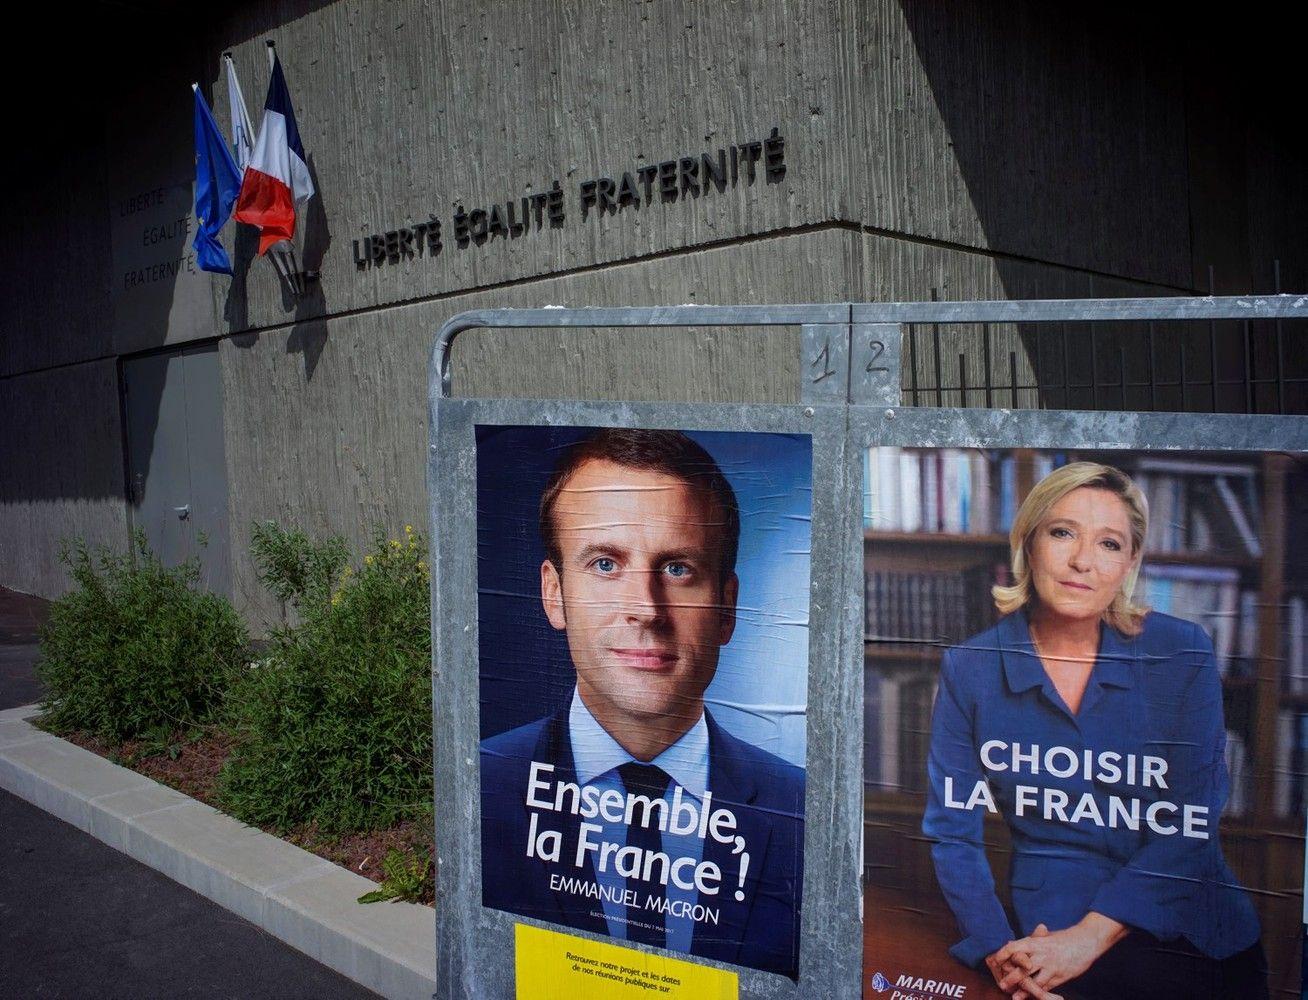 Le Pen sumažino atotrūkį nuo Macrono, rinkėjai abejoja jų galimybėmis valdyti